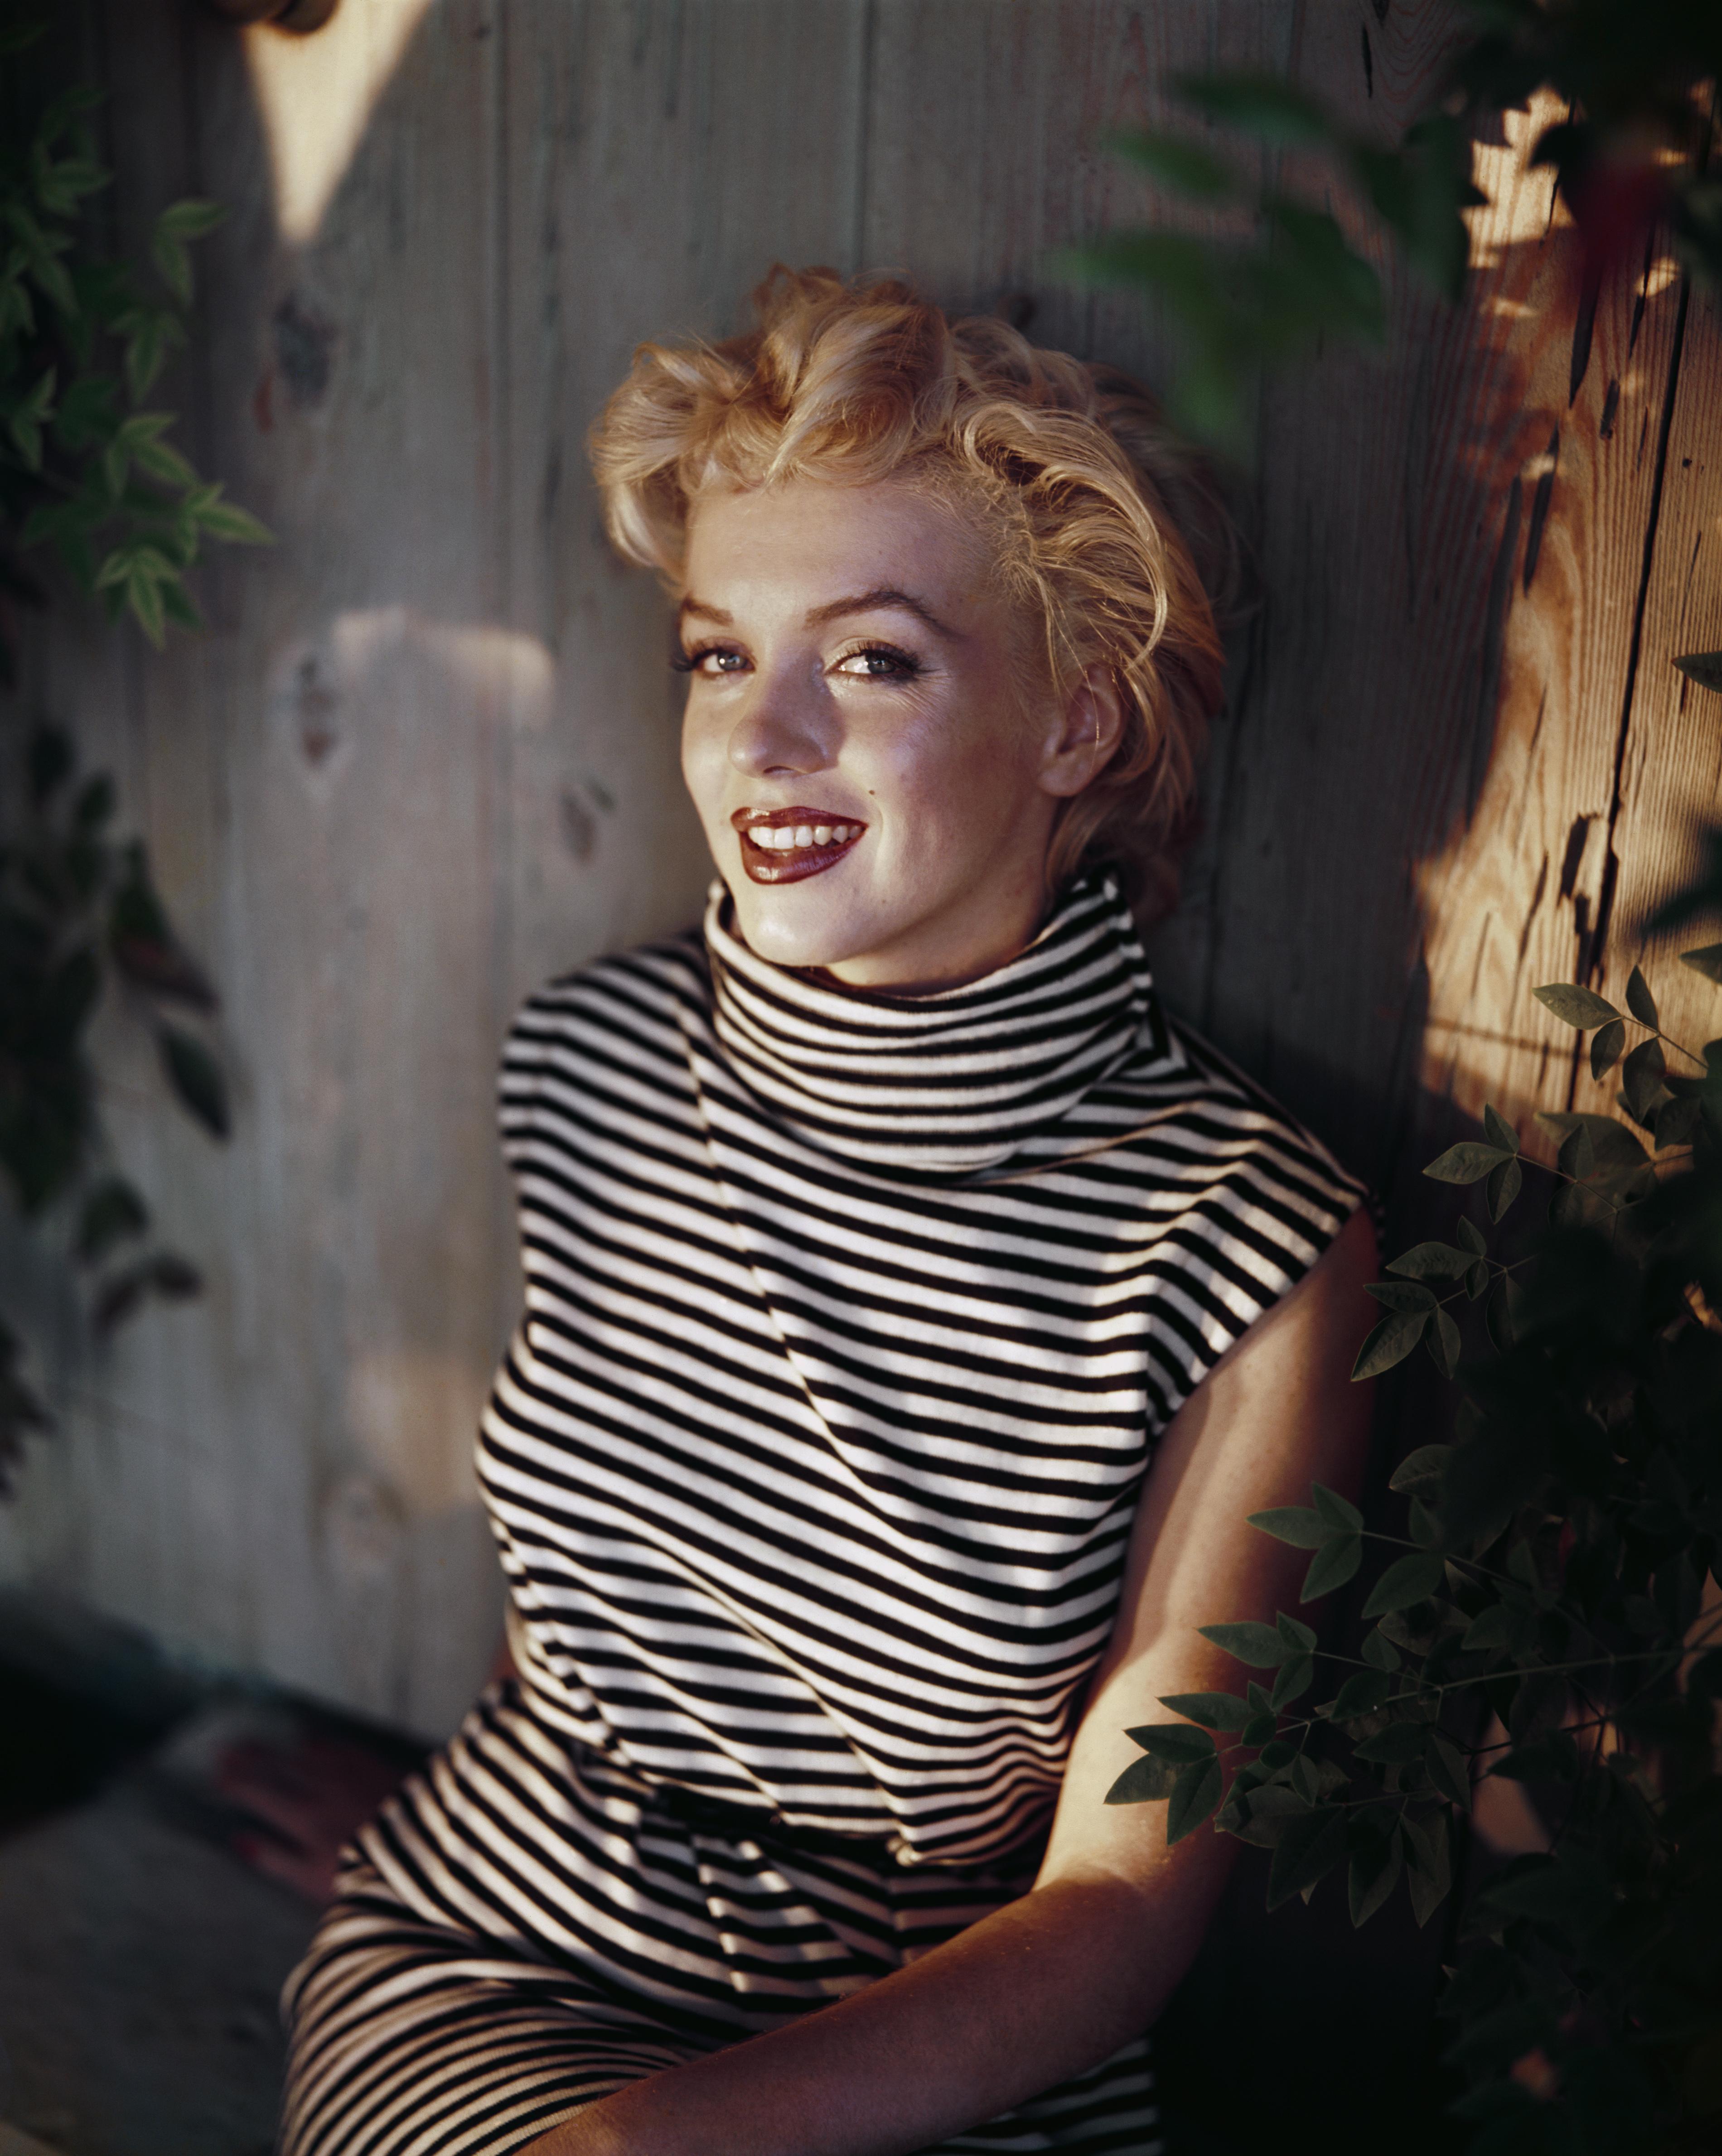 <p>Мерилин Монро и външността ѝ я нарежда сред най-популярните секссимволи на 50-те години, а ранната и мистериозна смърт на Монро, я превръща в попикона.</p>